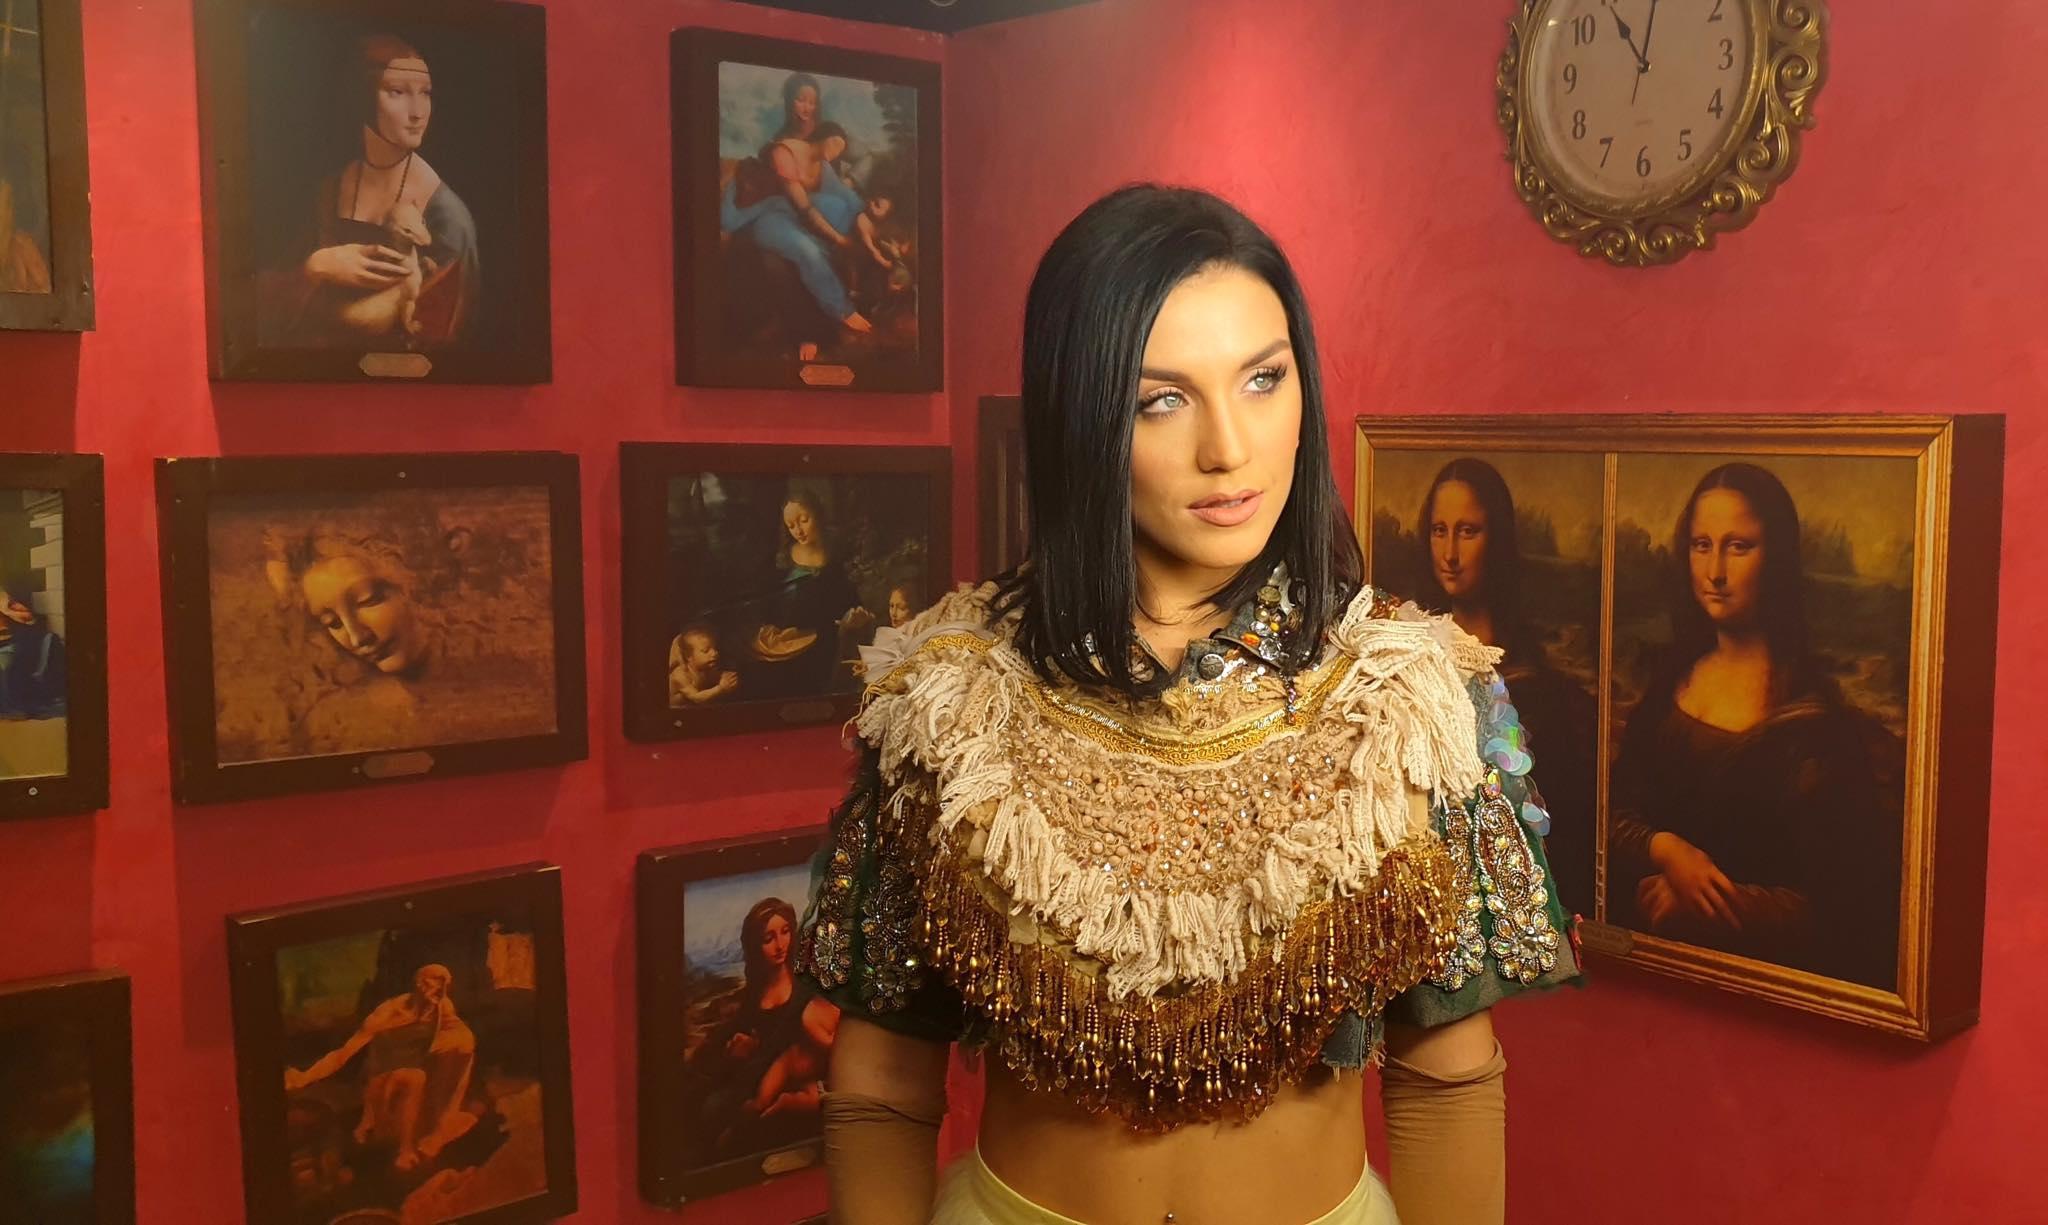 Πληγωμένη μένει η καρδιά: Νέο τραγούδι και εντυπωσιακό video clip από την Ιουλία Καλλιμάνη!